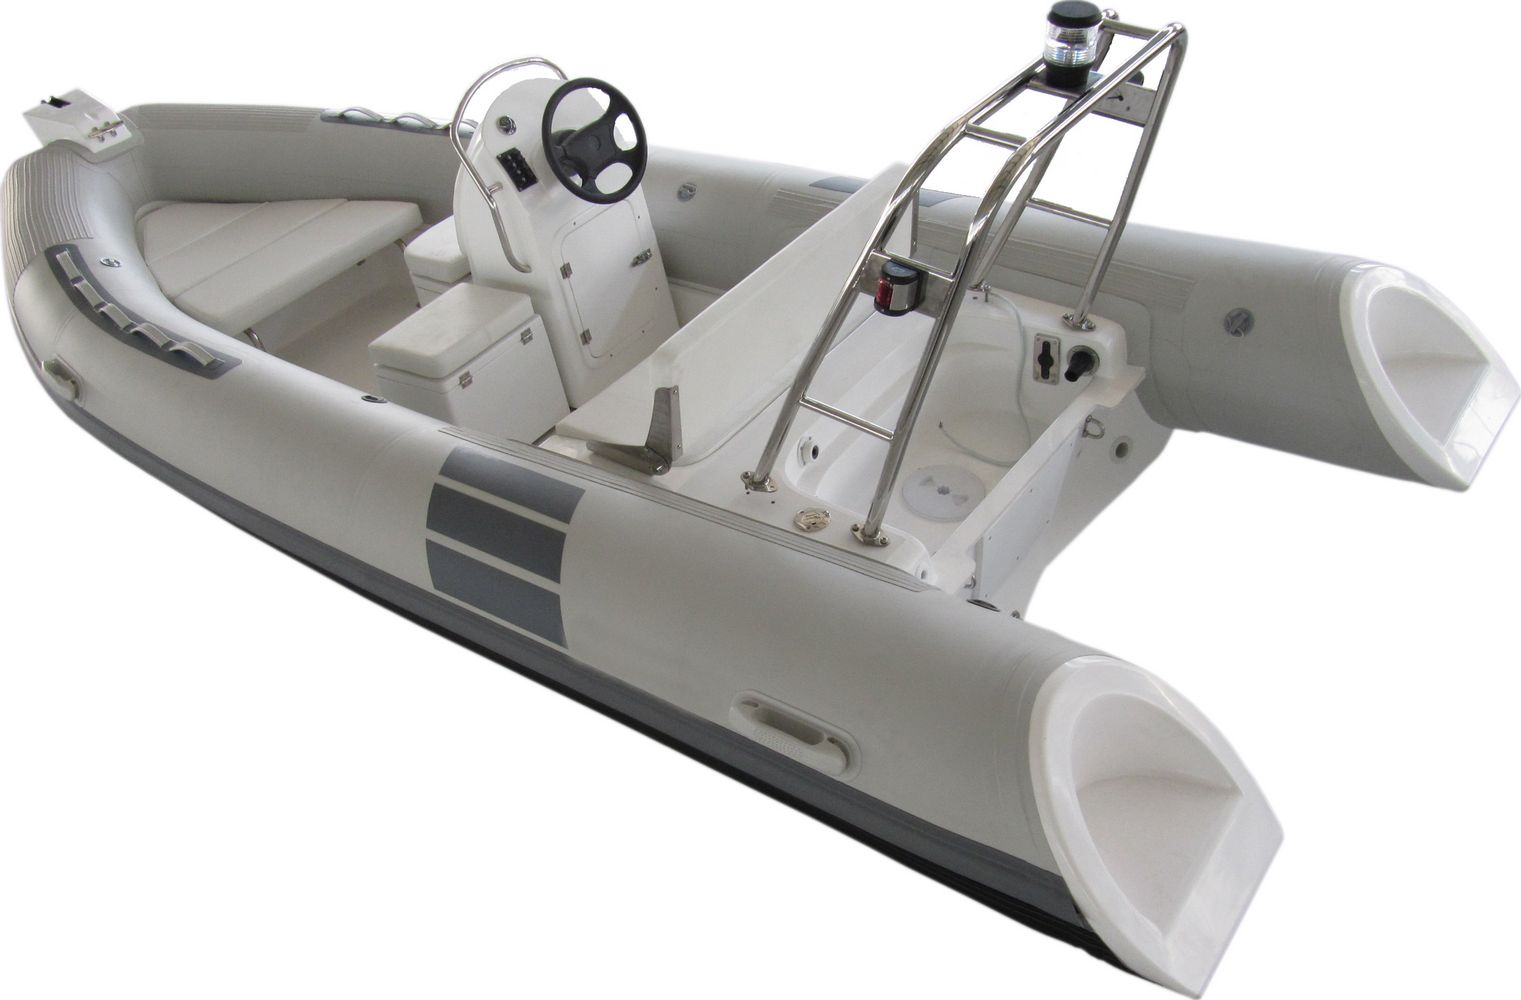 RIB-480A